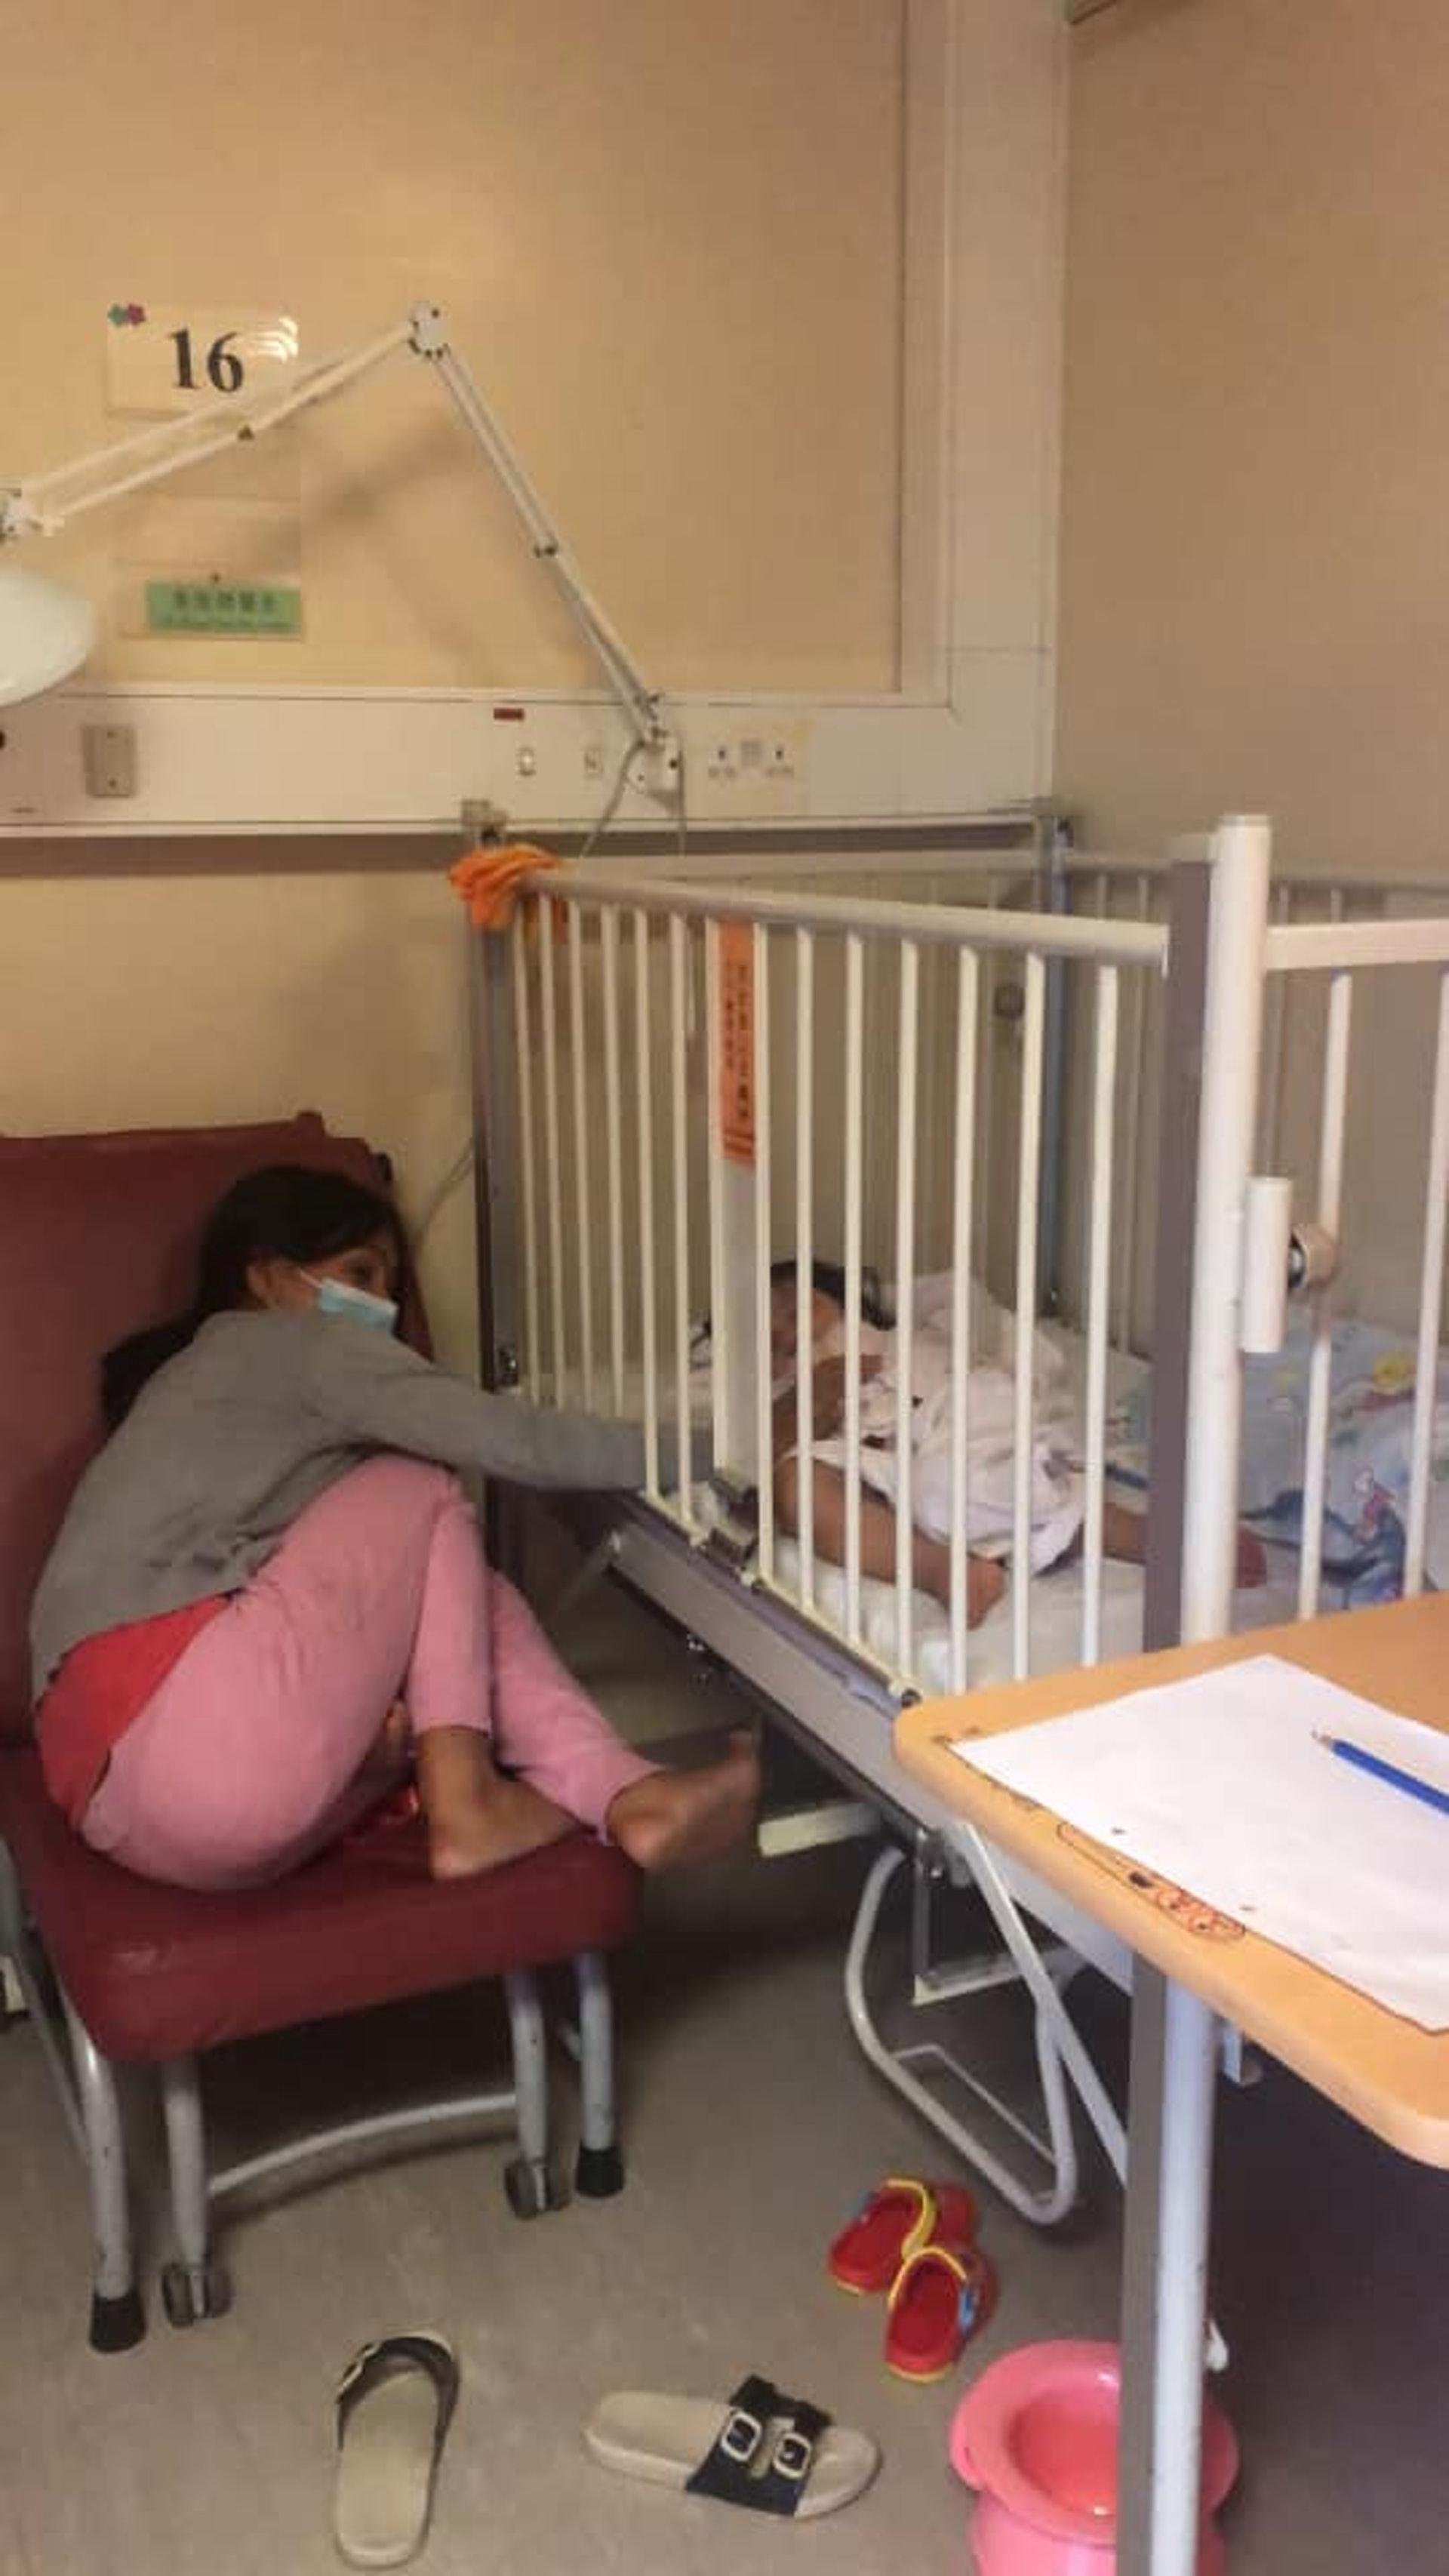 有女網民於facebook上載相片,表示女兒因為發燒需要入院留醫,家中的外傭姐姐見狀即自動請纓留低幫忙照顧,令樓主非常感動。(fb群組「外傭僱主必看新聞訊息」圖片)